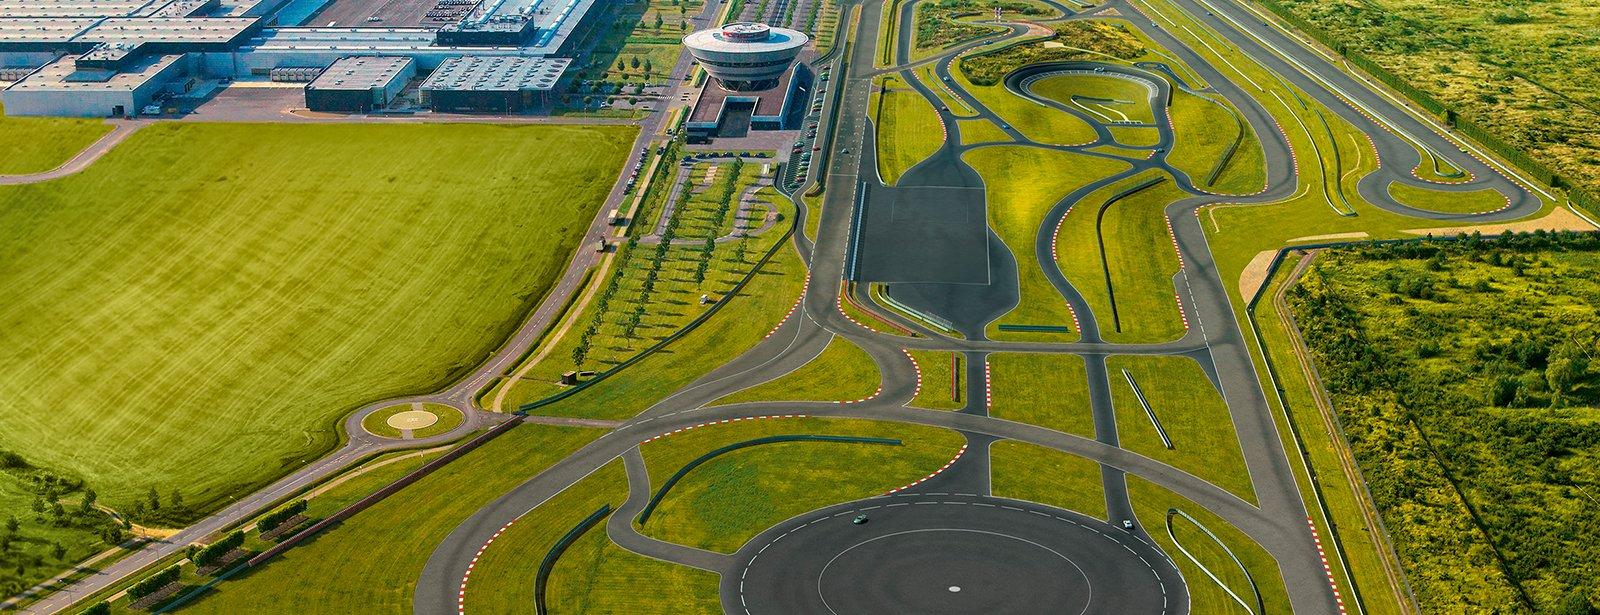 Porsche a recréé le mythique Carousel sur son propre circuit d'essai